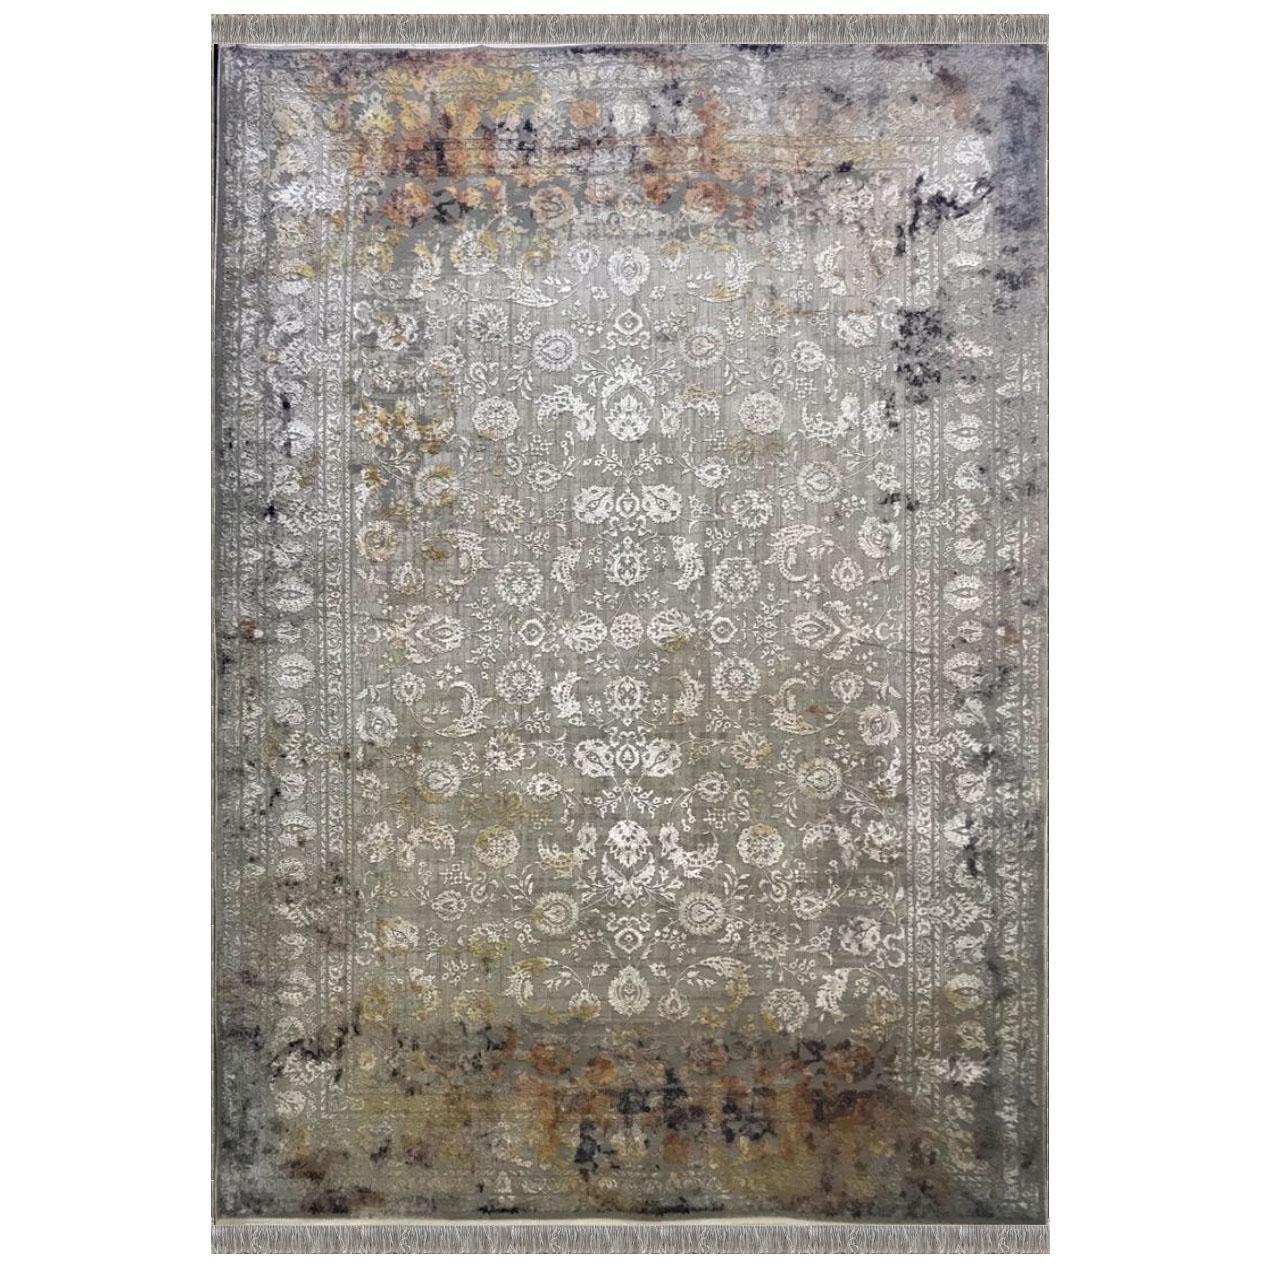 فرش ماشینی تاپ هالی کد z1141w4 زمینه طوسی